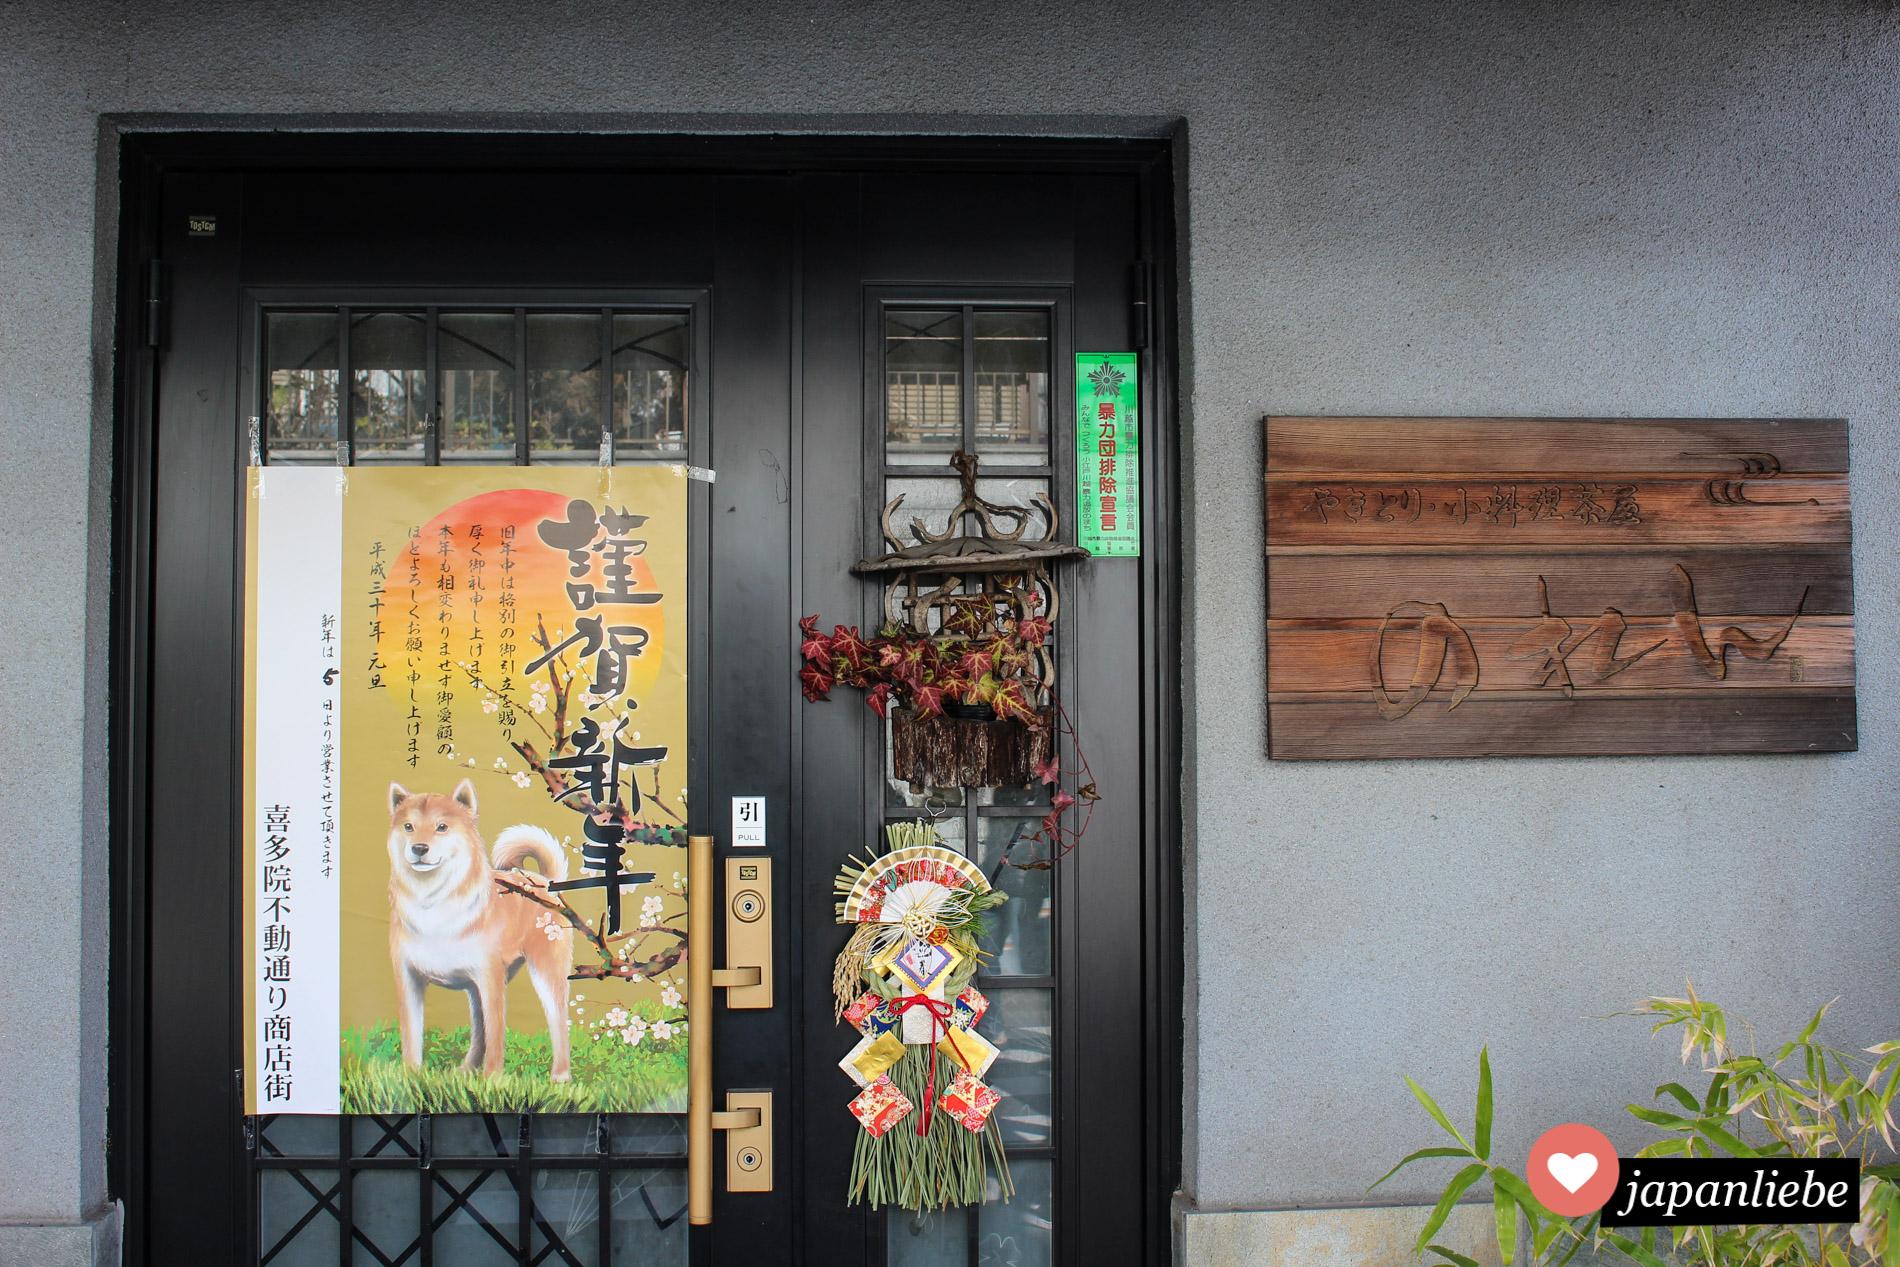 Ein Yakitori-Restaurant in Tokio mit Neuhjahrsdeko und dem Hinweis, dass es einige Tage geschlossen bleibt.